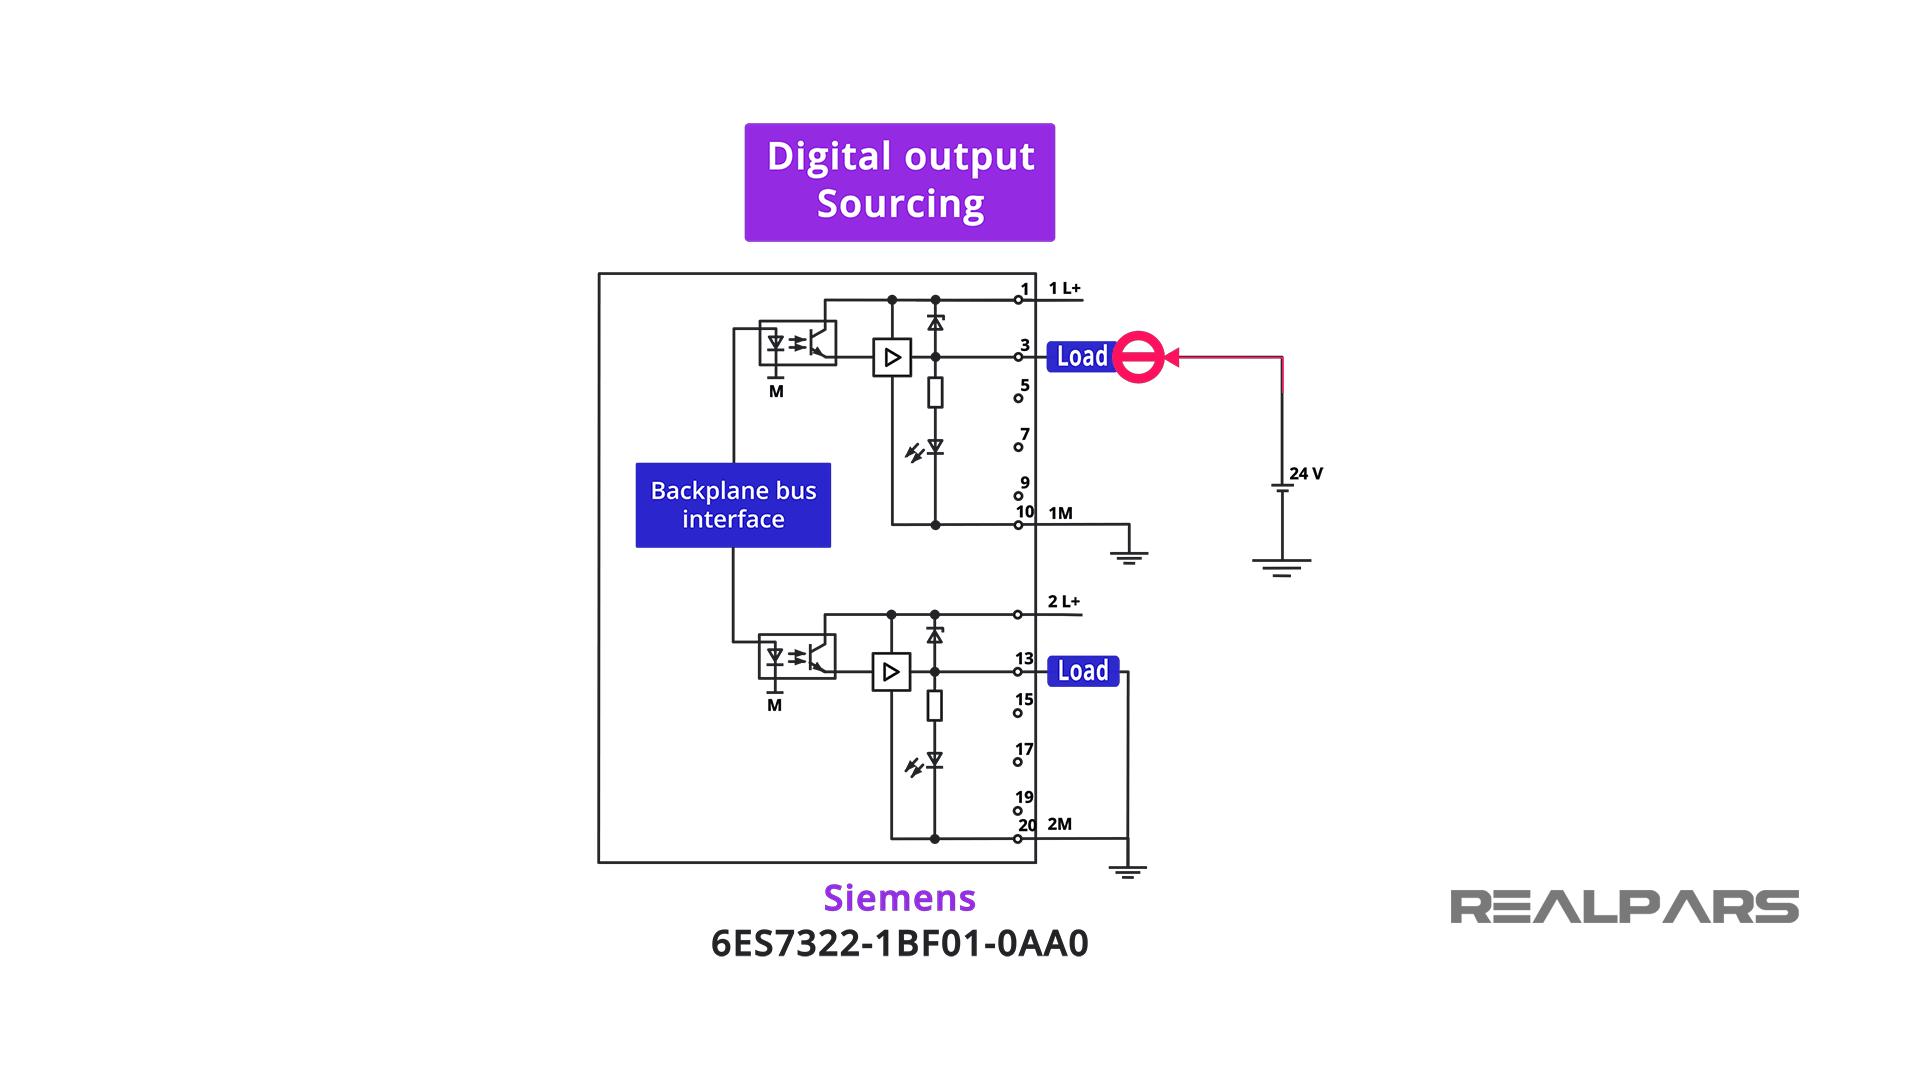 Siemens 6ES7322-1BF01-0AA0